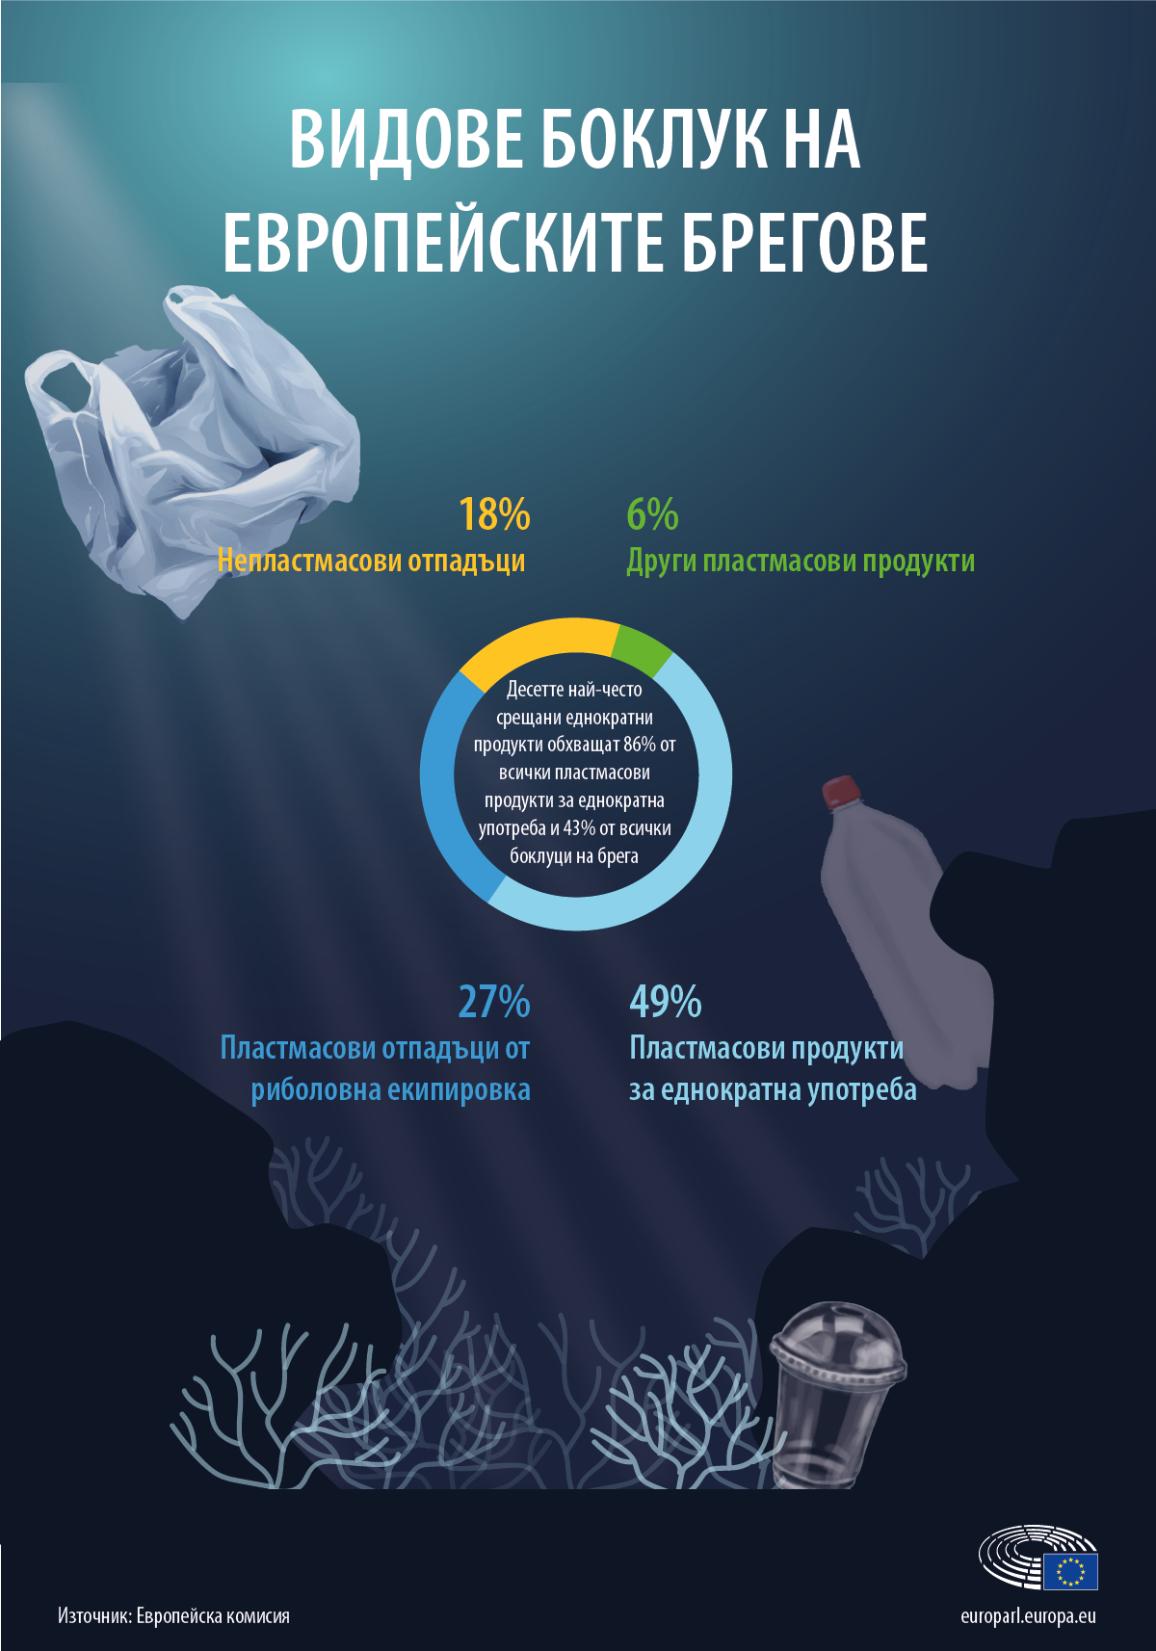 Инфографика за пластмасовите и непластмасовите отпадъци по видове